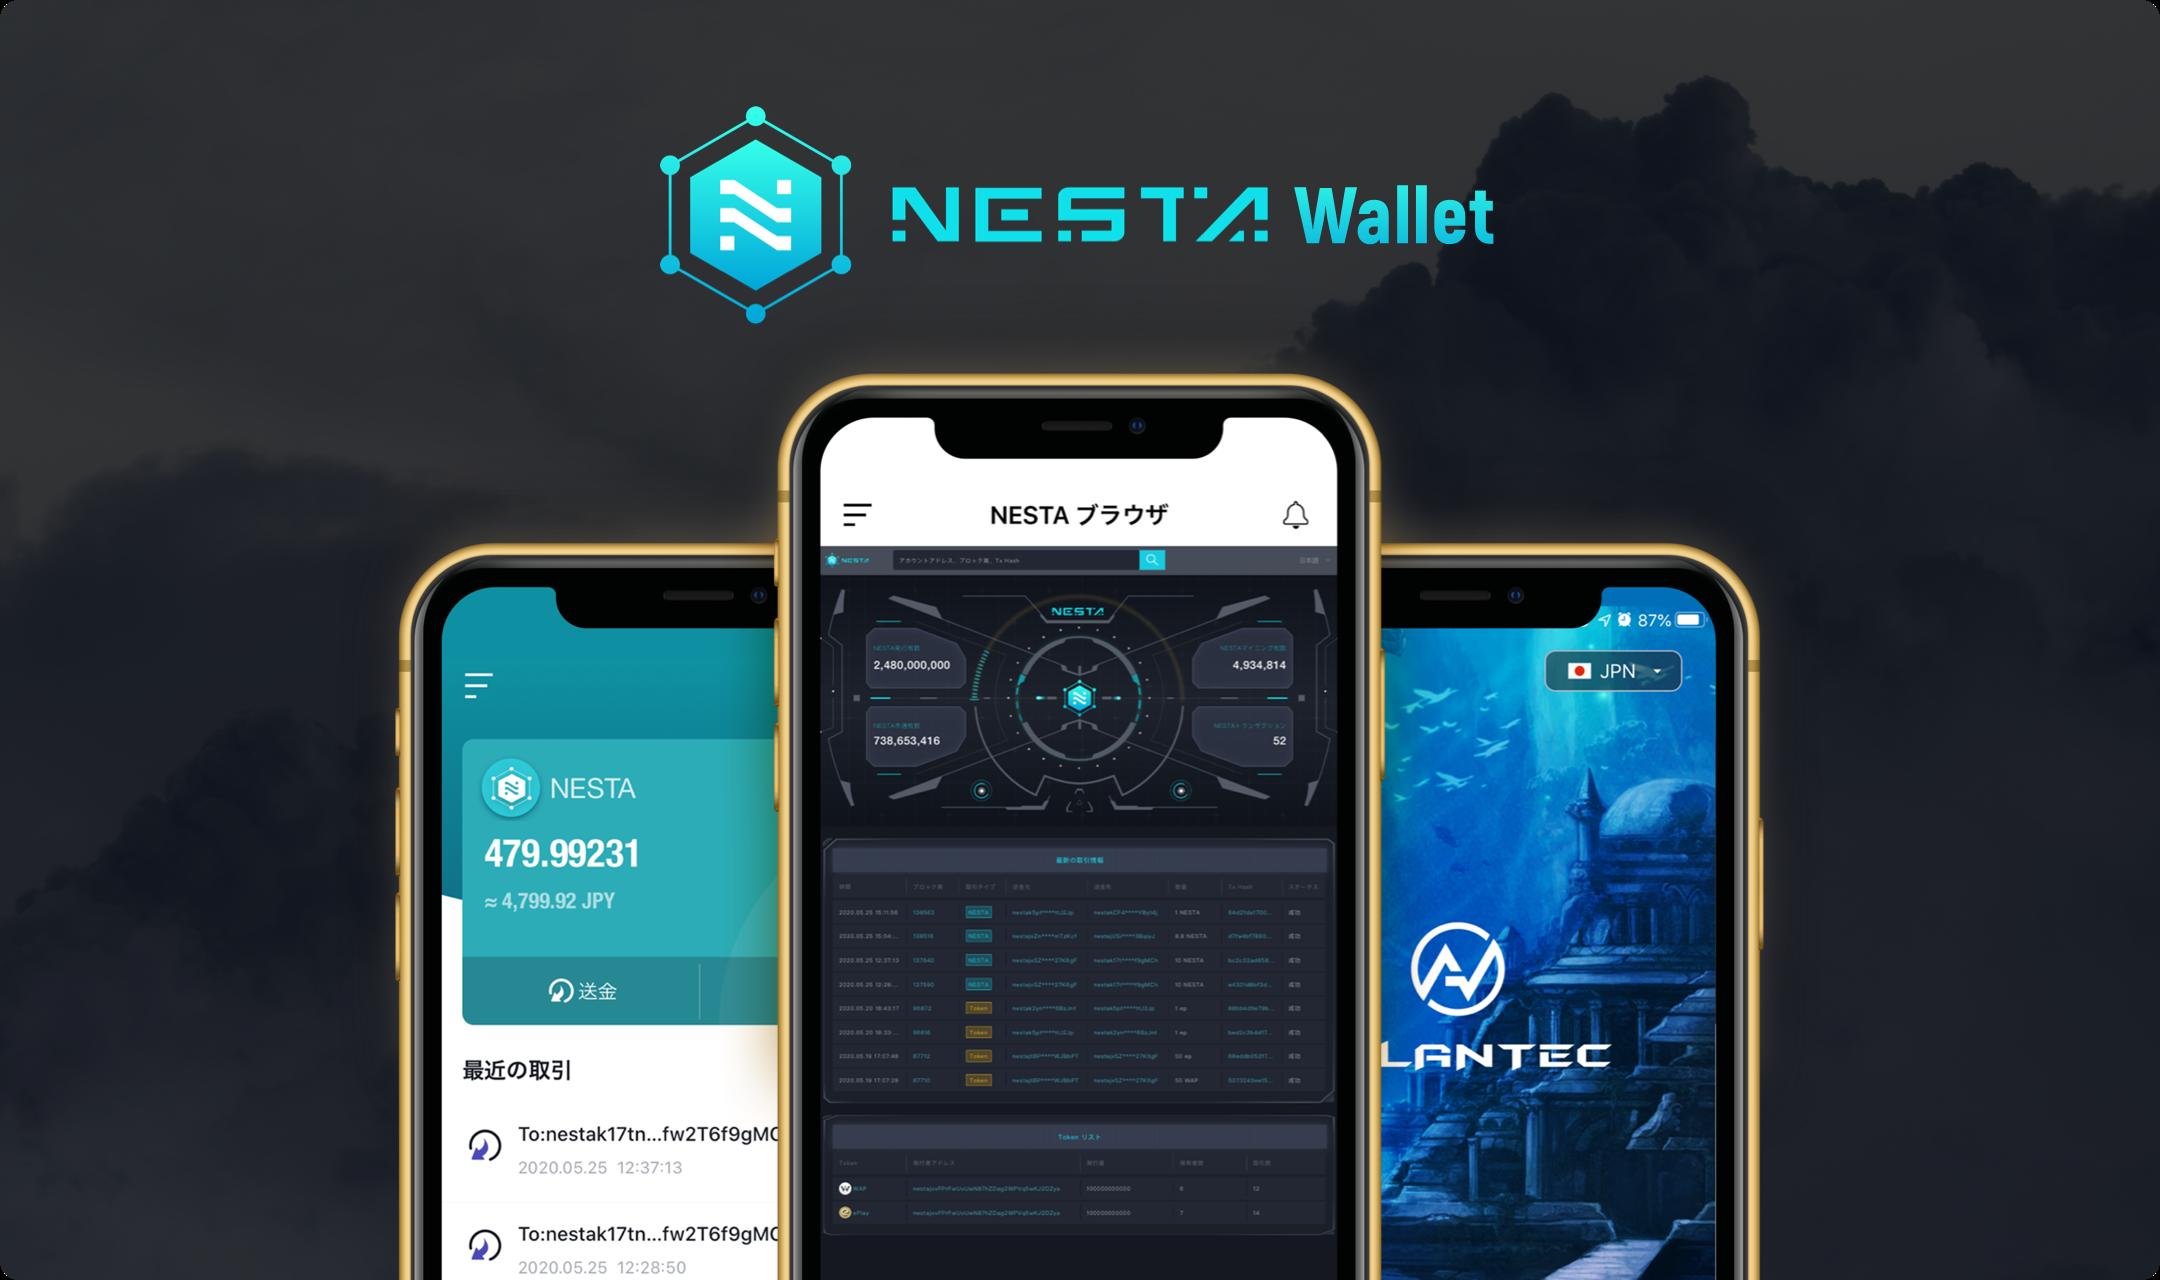 NESTA Wallet